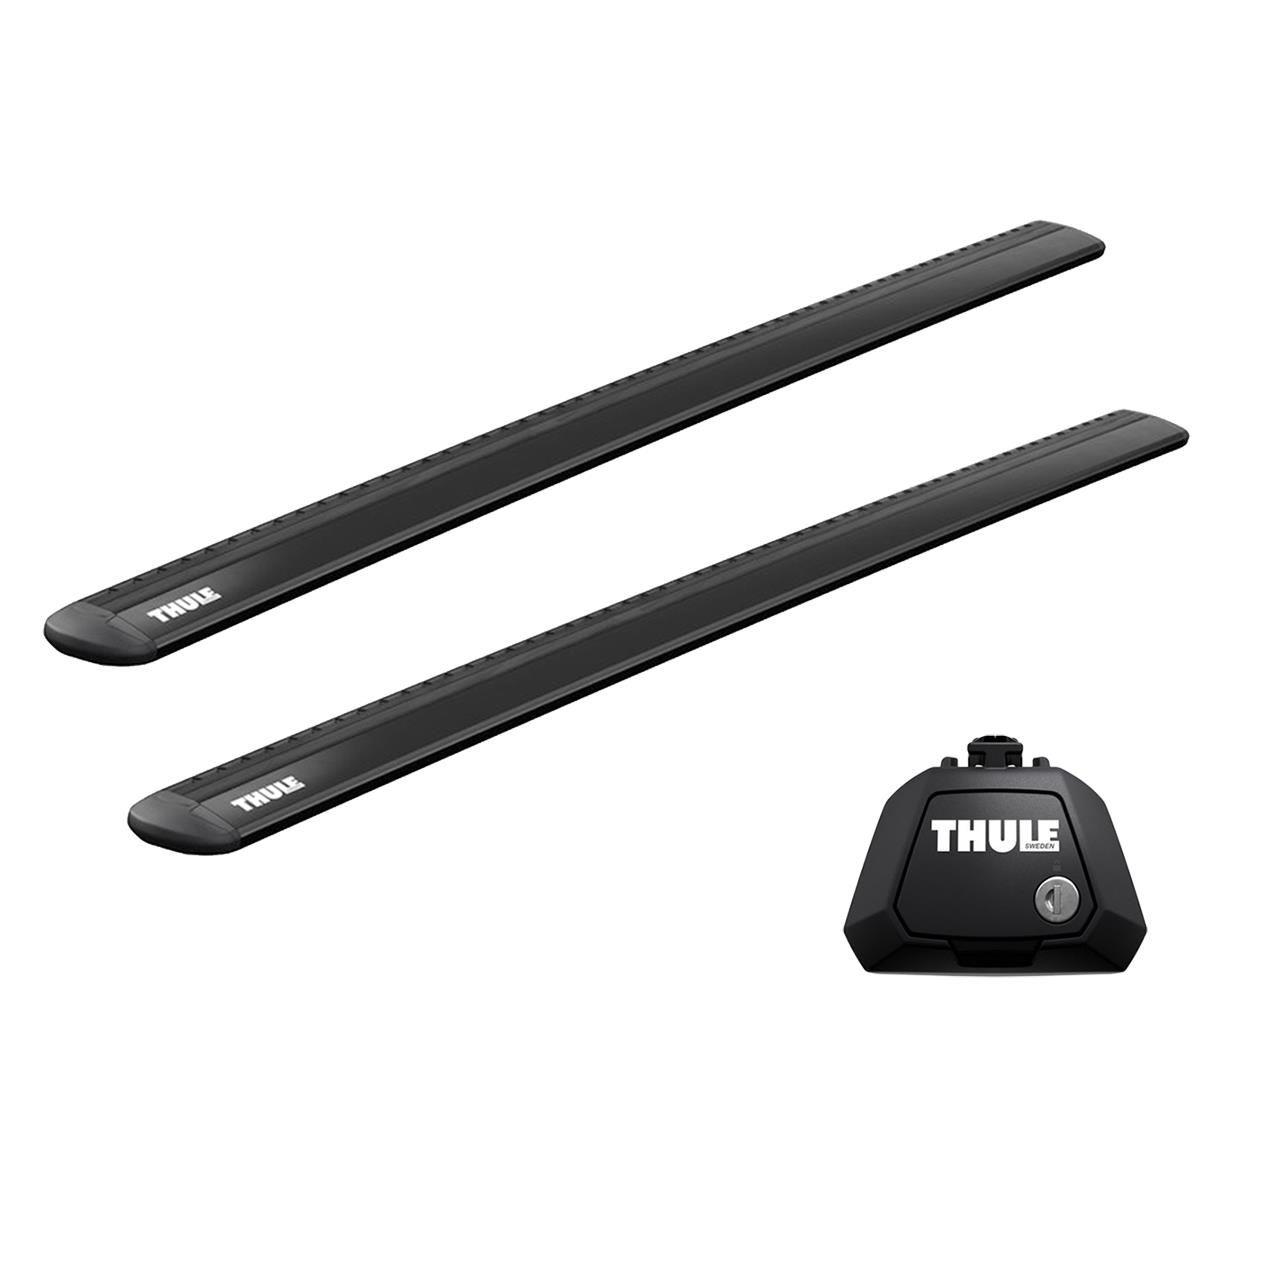 Напречни греди Thule Evo Raised Rail WingBar Evo 127cm в Черно за SAAB 9-5 5 врати Estate 98-10 с фабрични надлъжни греди с просвет 1